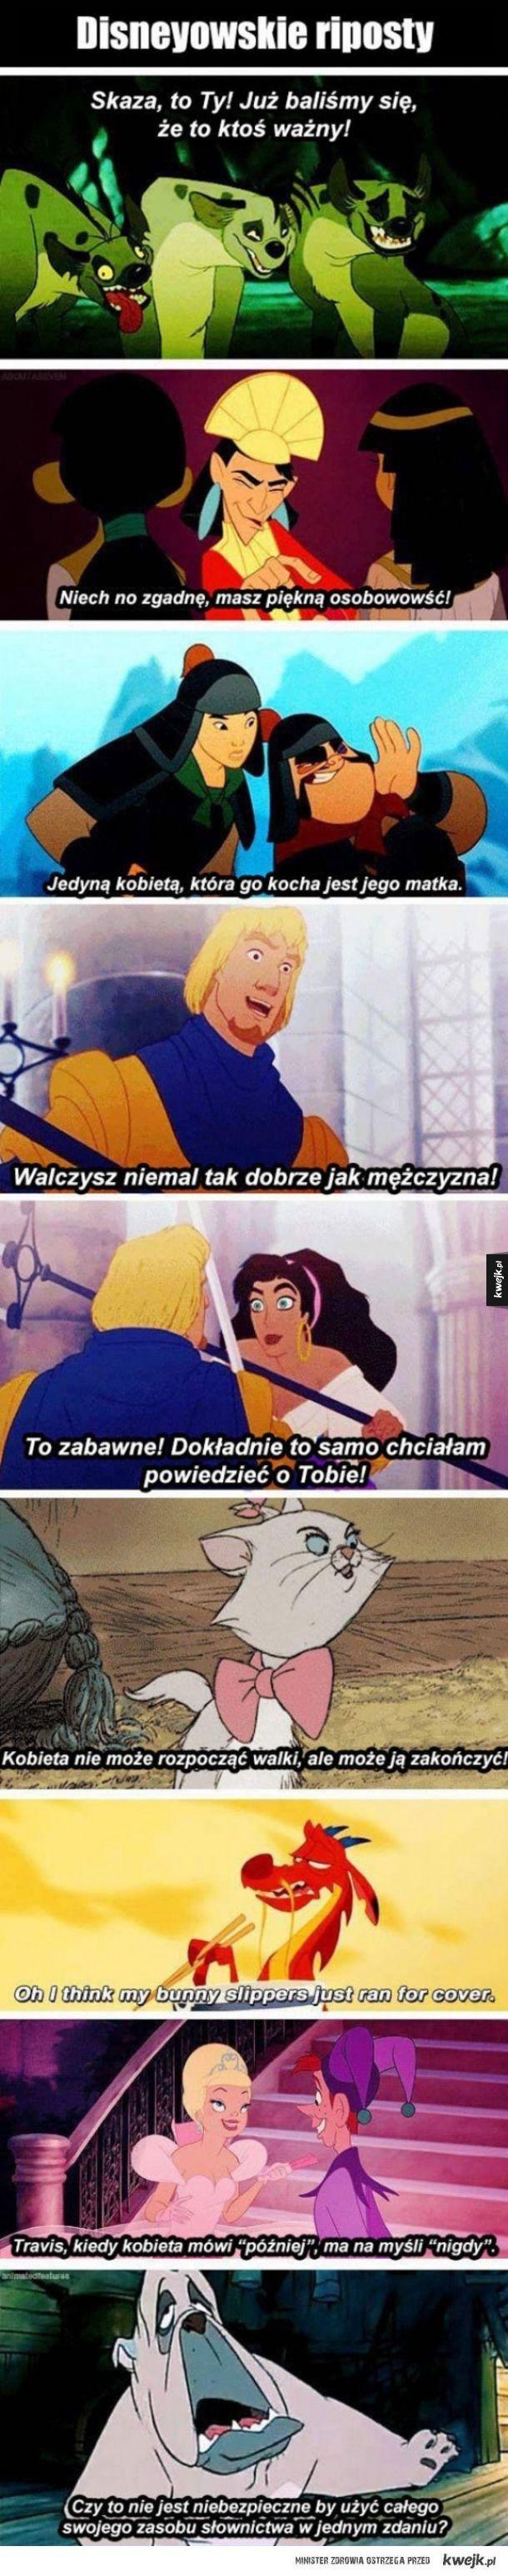 Disneyowskie riposty